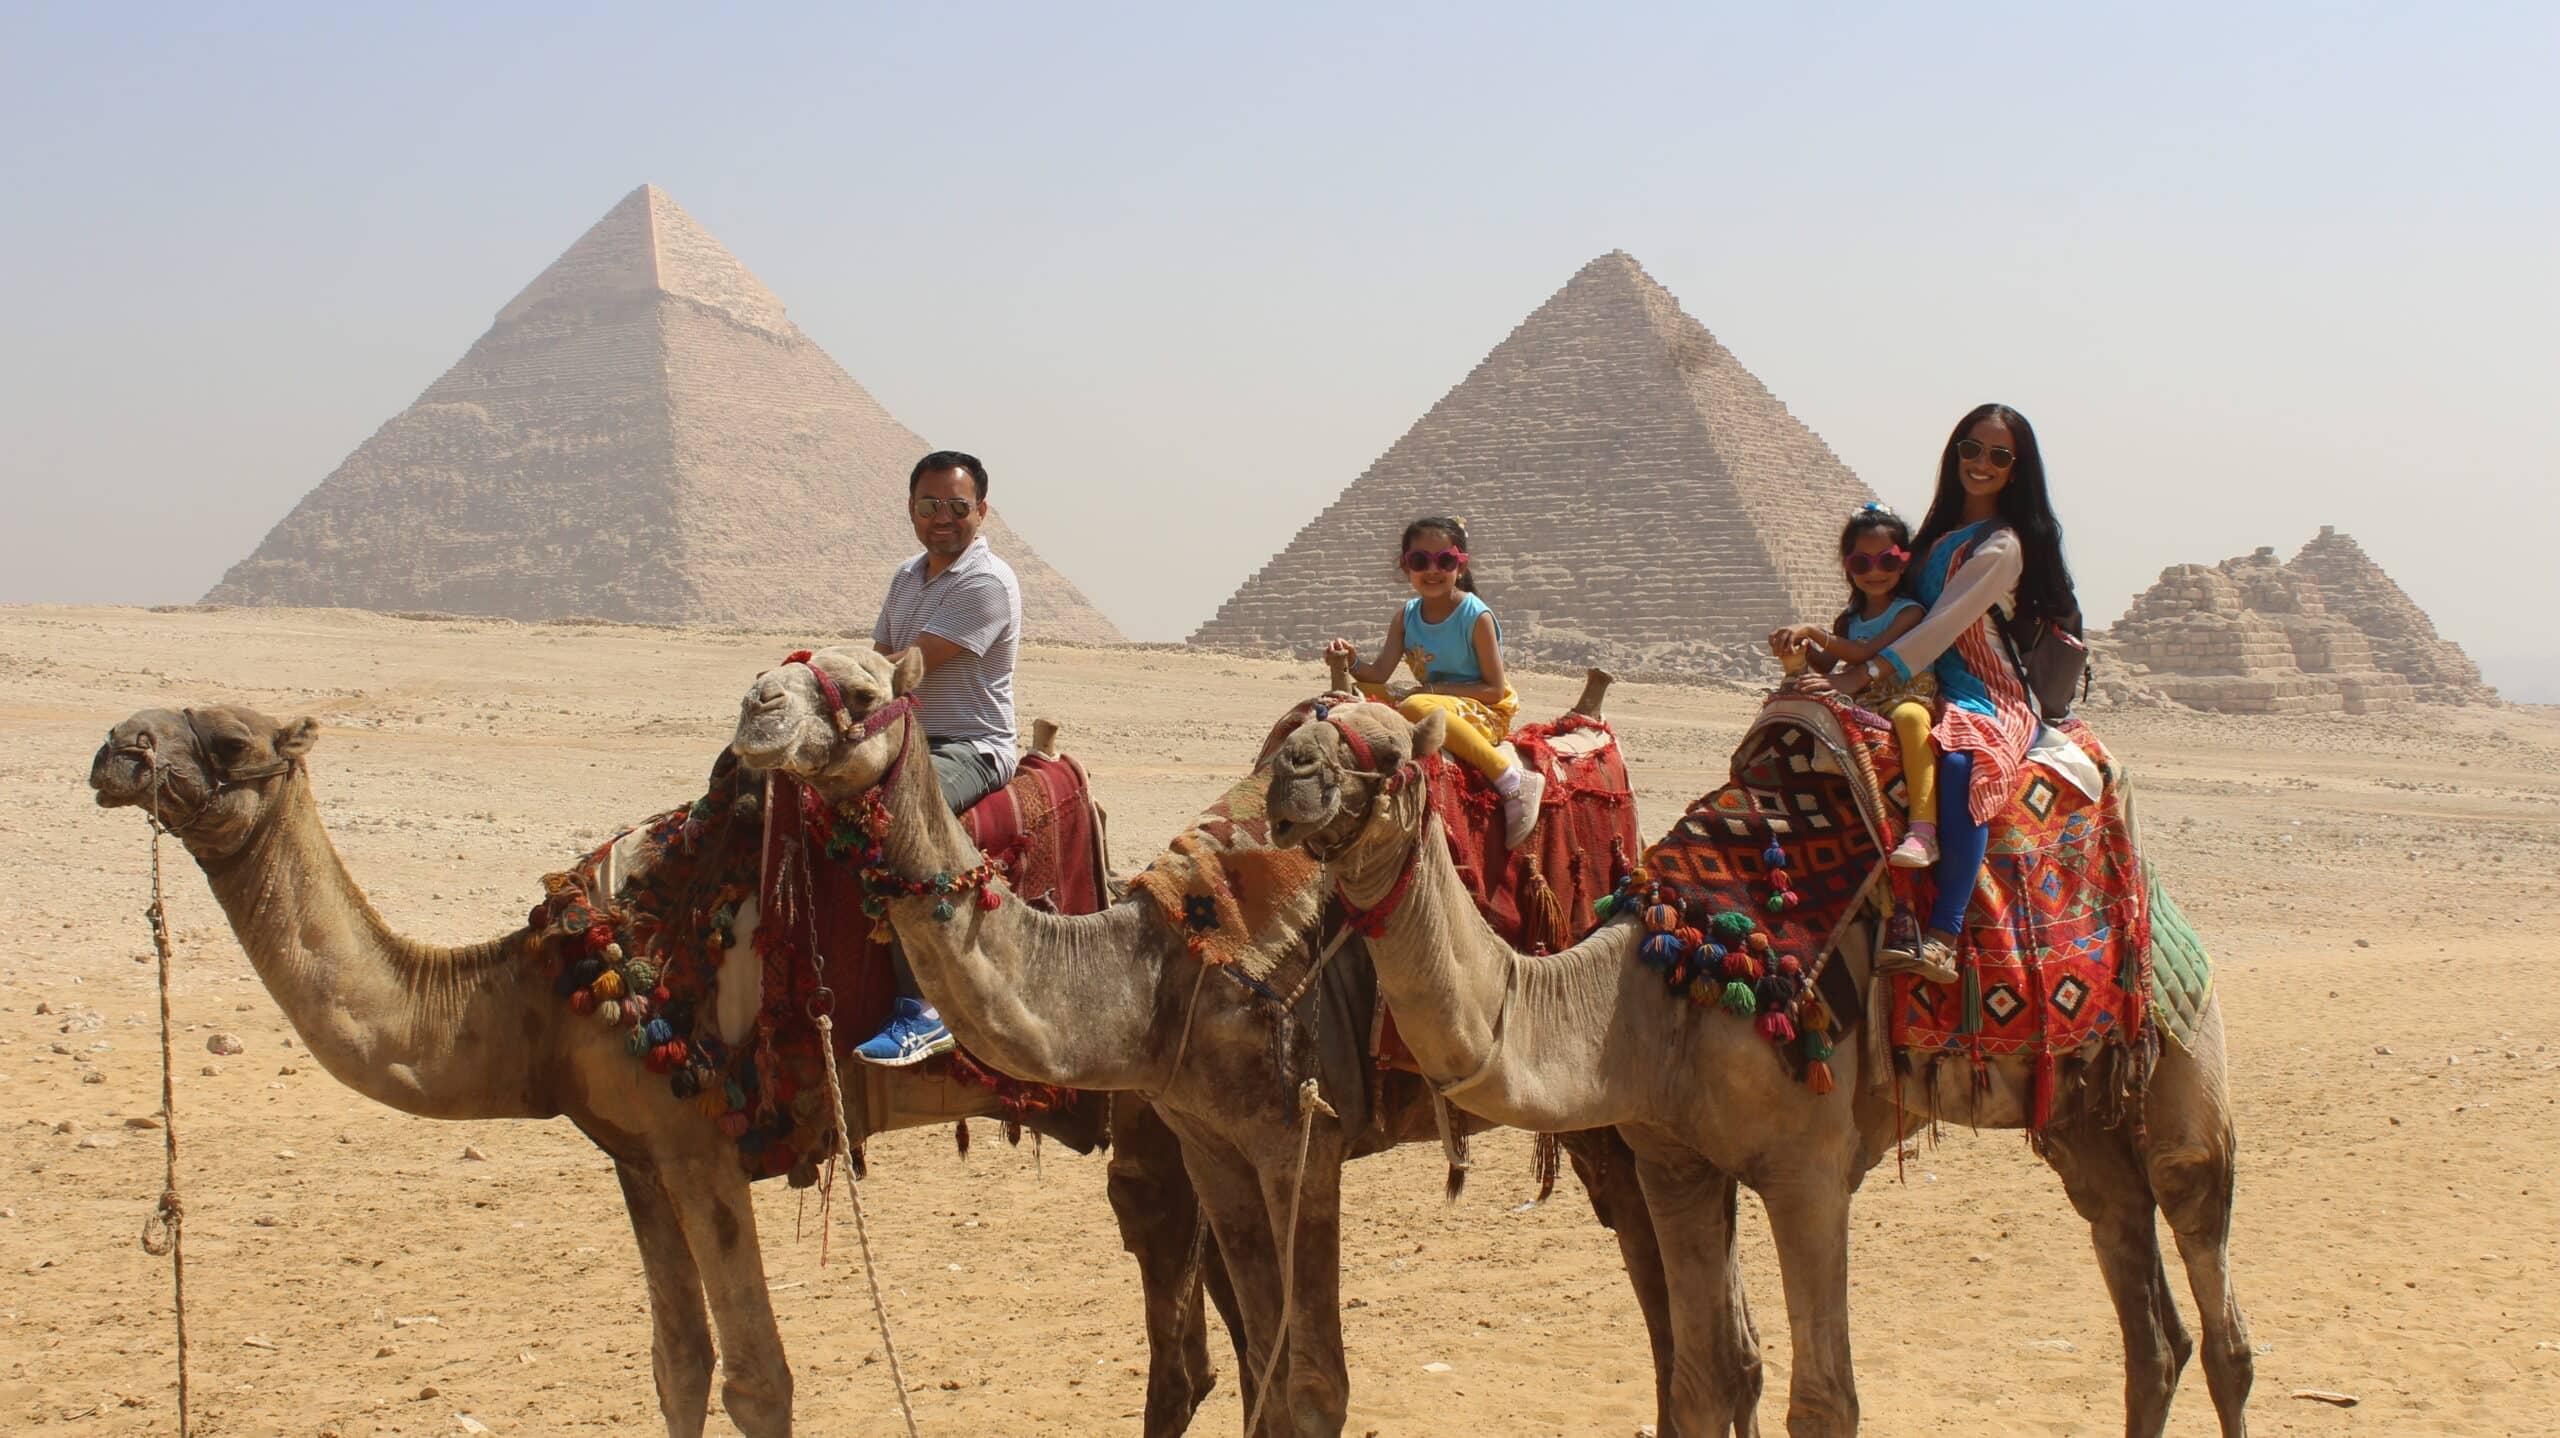 Travel plus them Egypt Pyramids Lakshmi Natarajan April 2021 1 scaled